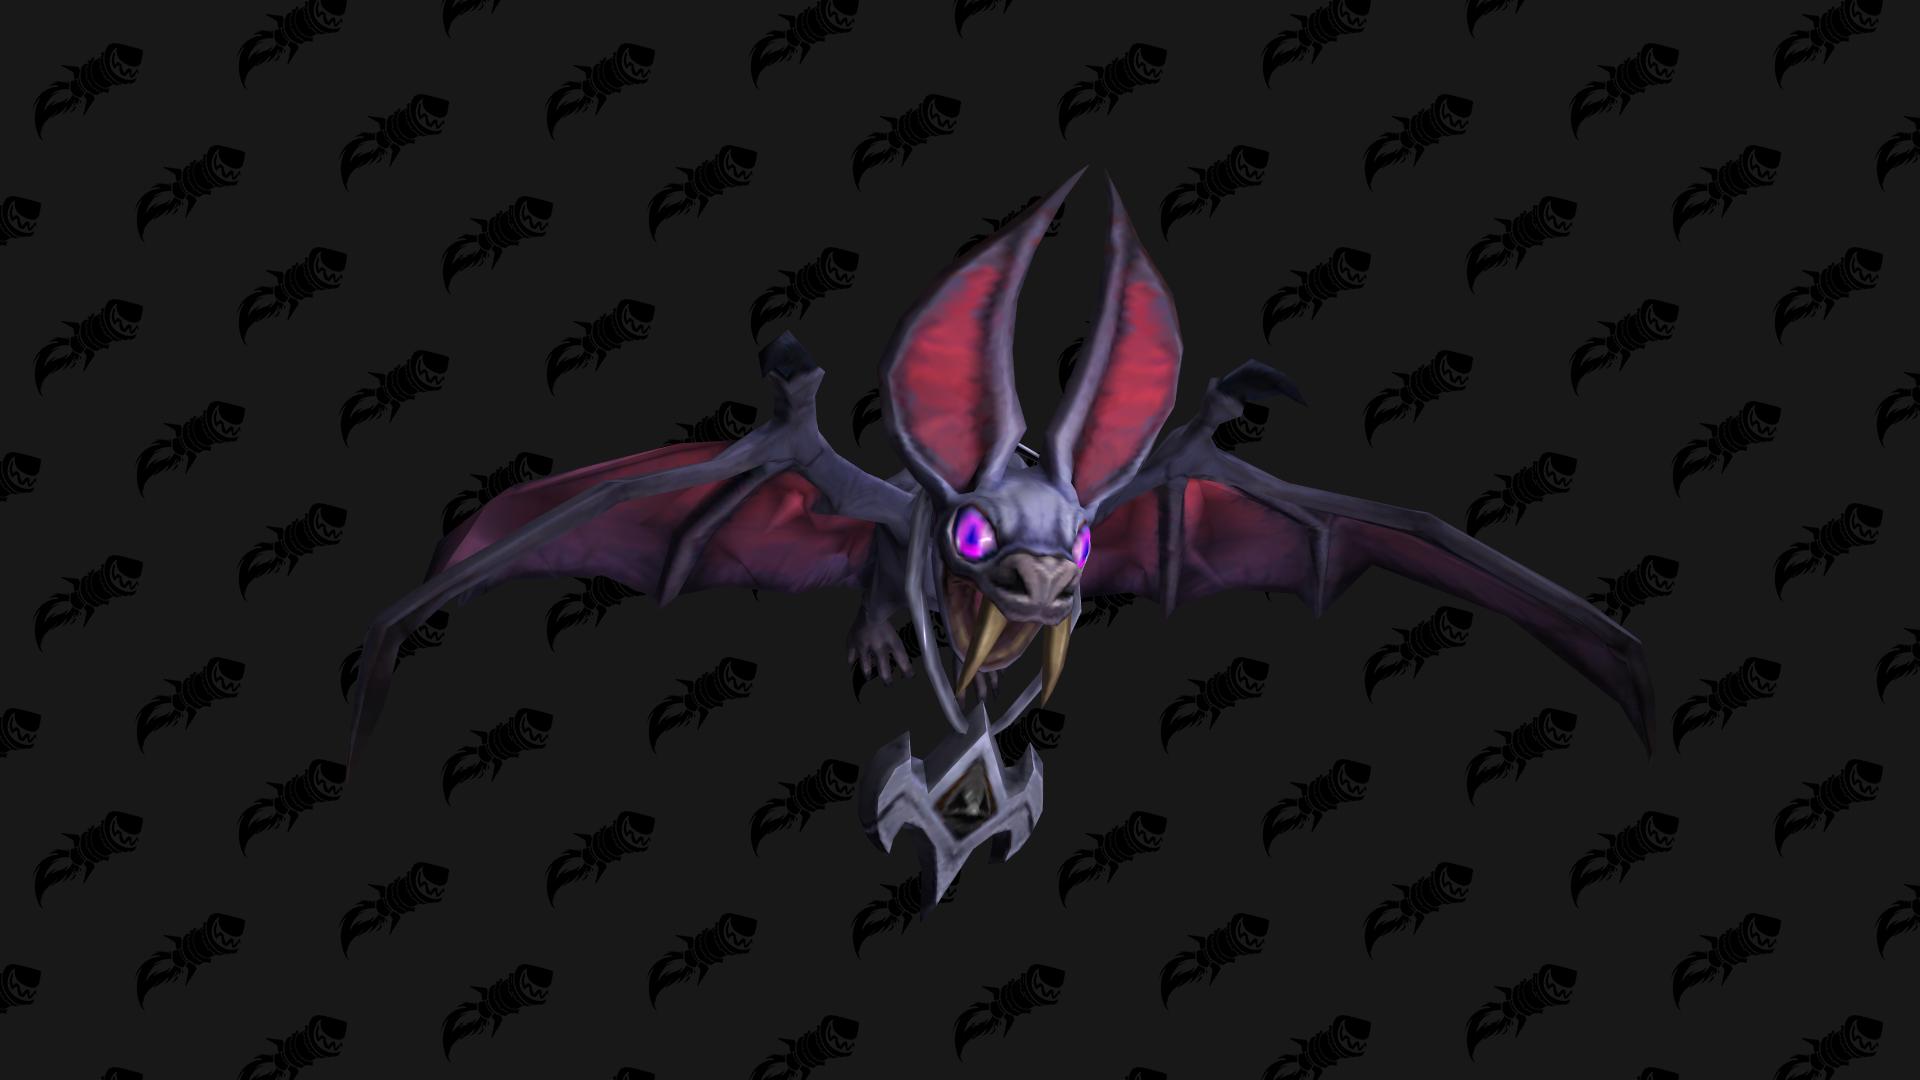 Pendentif de Vamp, mascotte Shadowlands disponible auprès de la faction Cours des braises